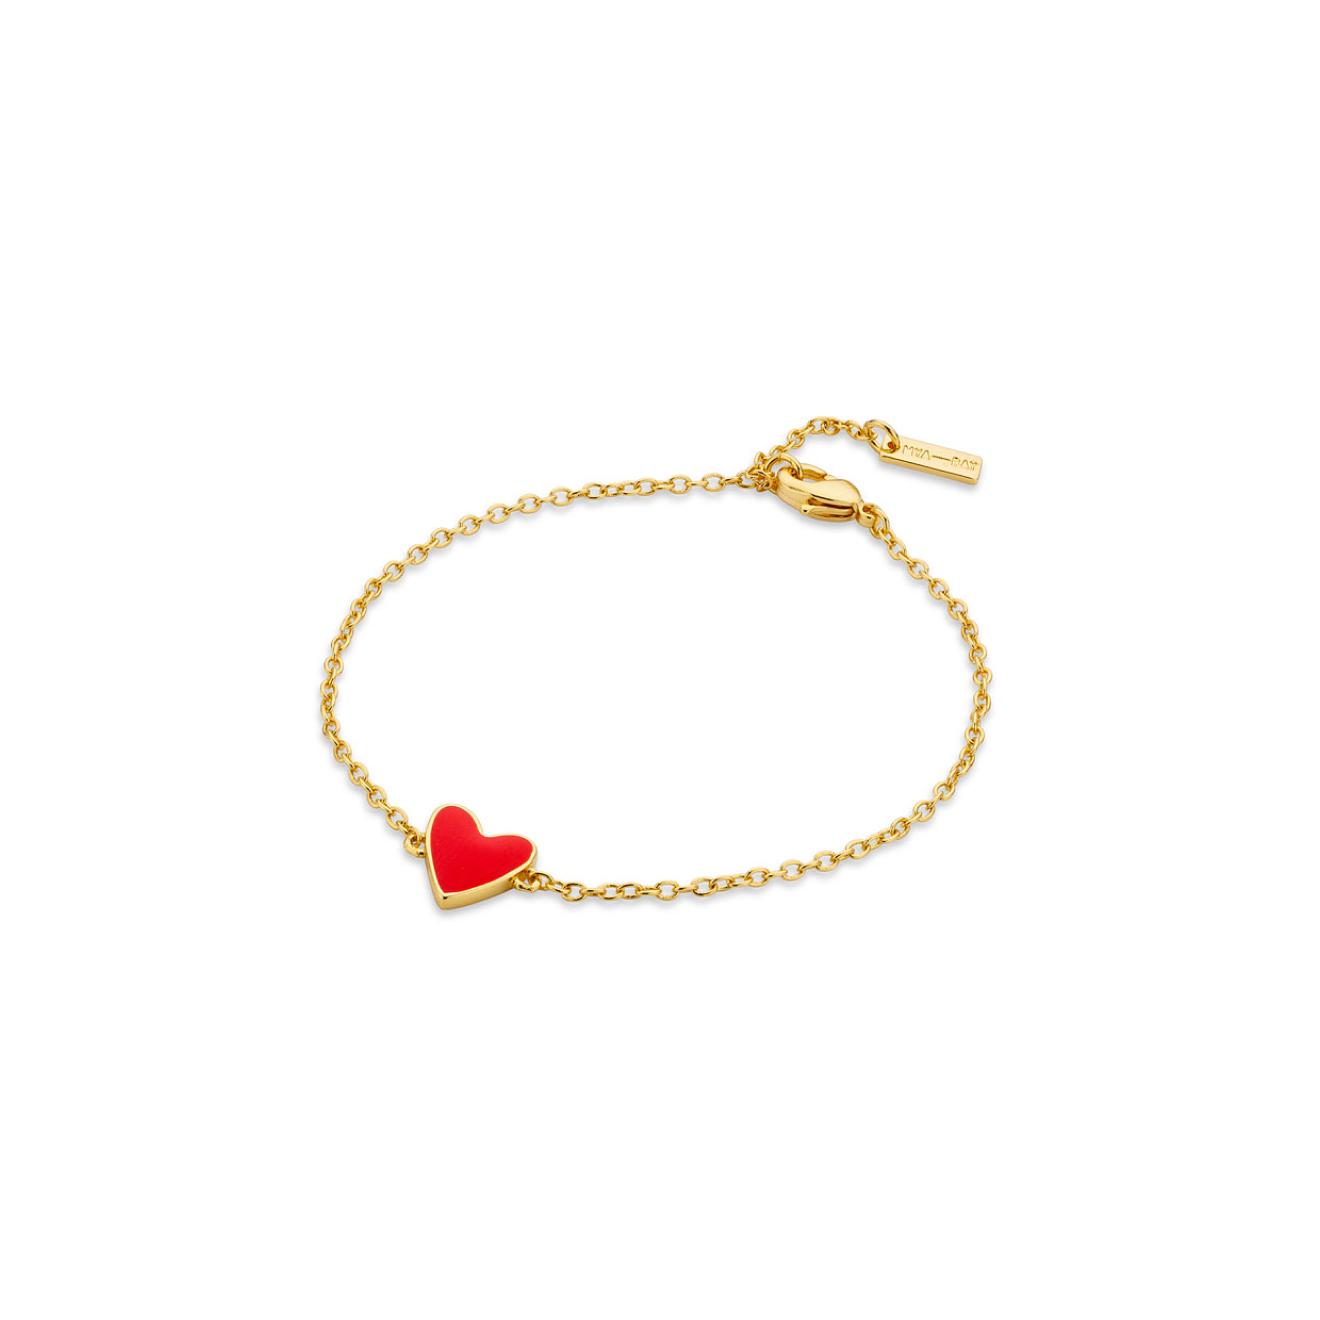 Mya Bay Позолоченный браслет с красным сердцем Red heart Or